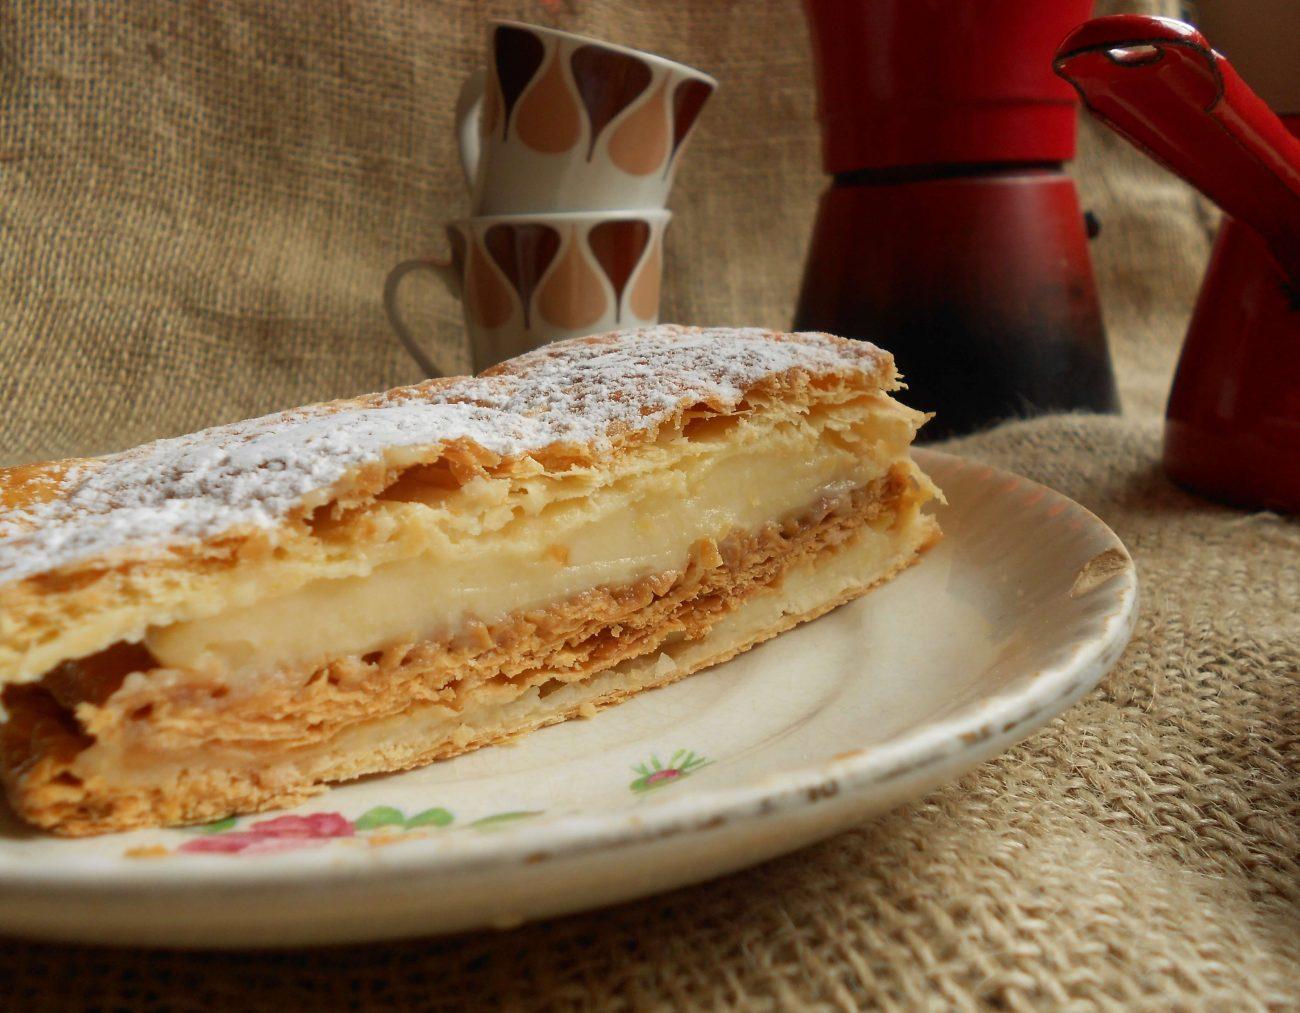 Milhojas de crema pastelera, delicia casera